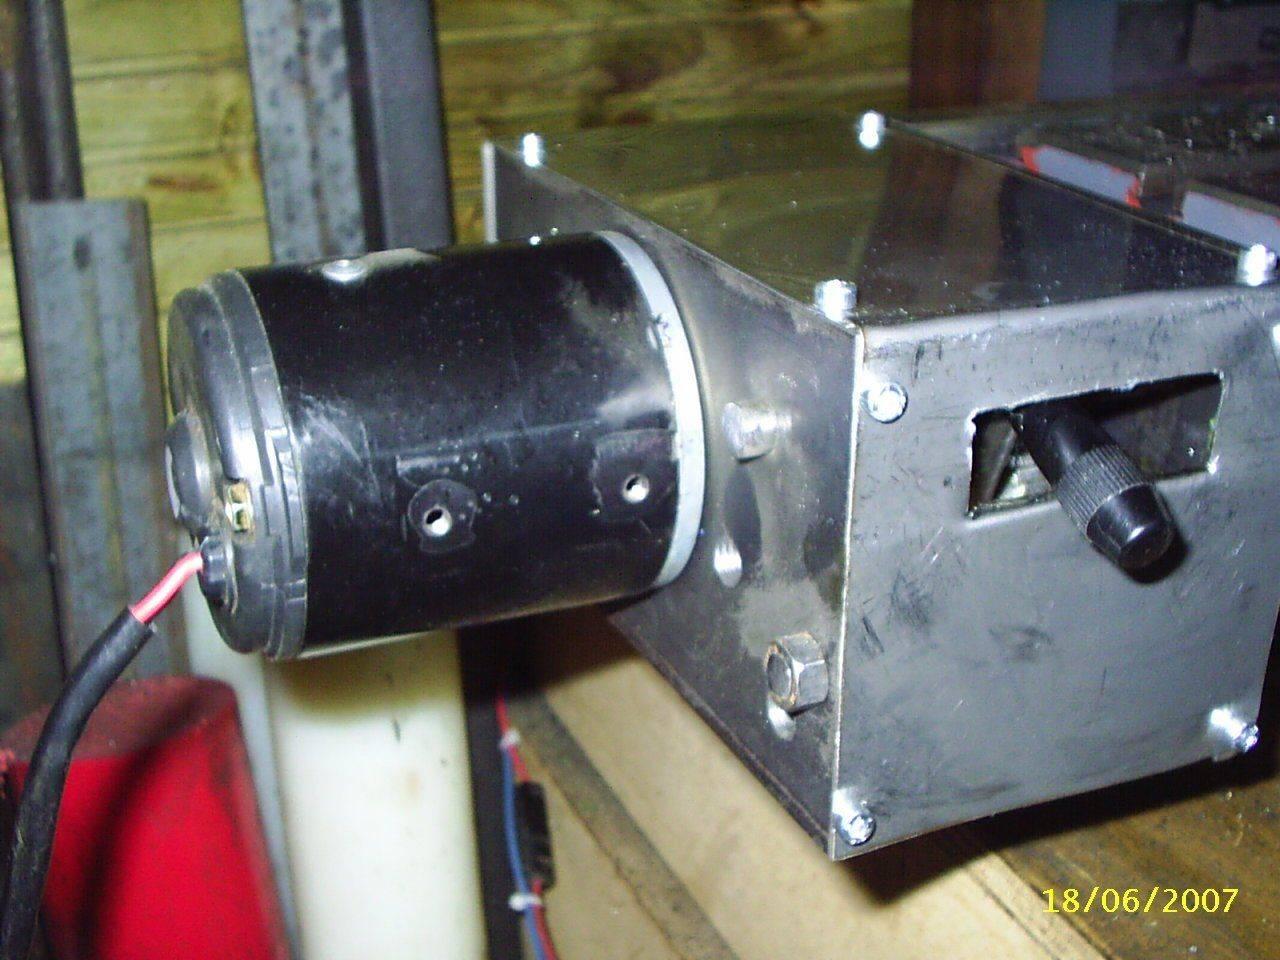 réducteur motorisation fraiseuse 017.jpg